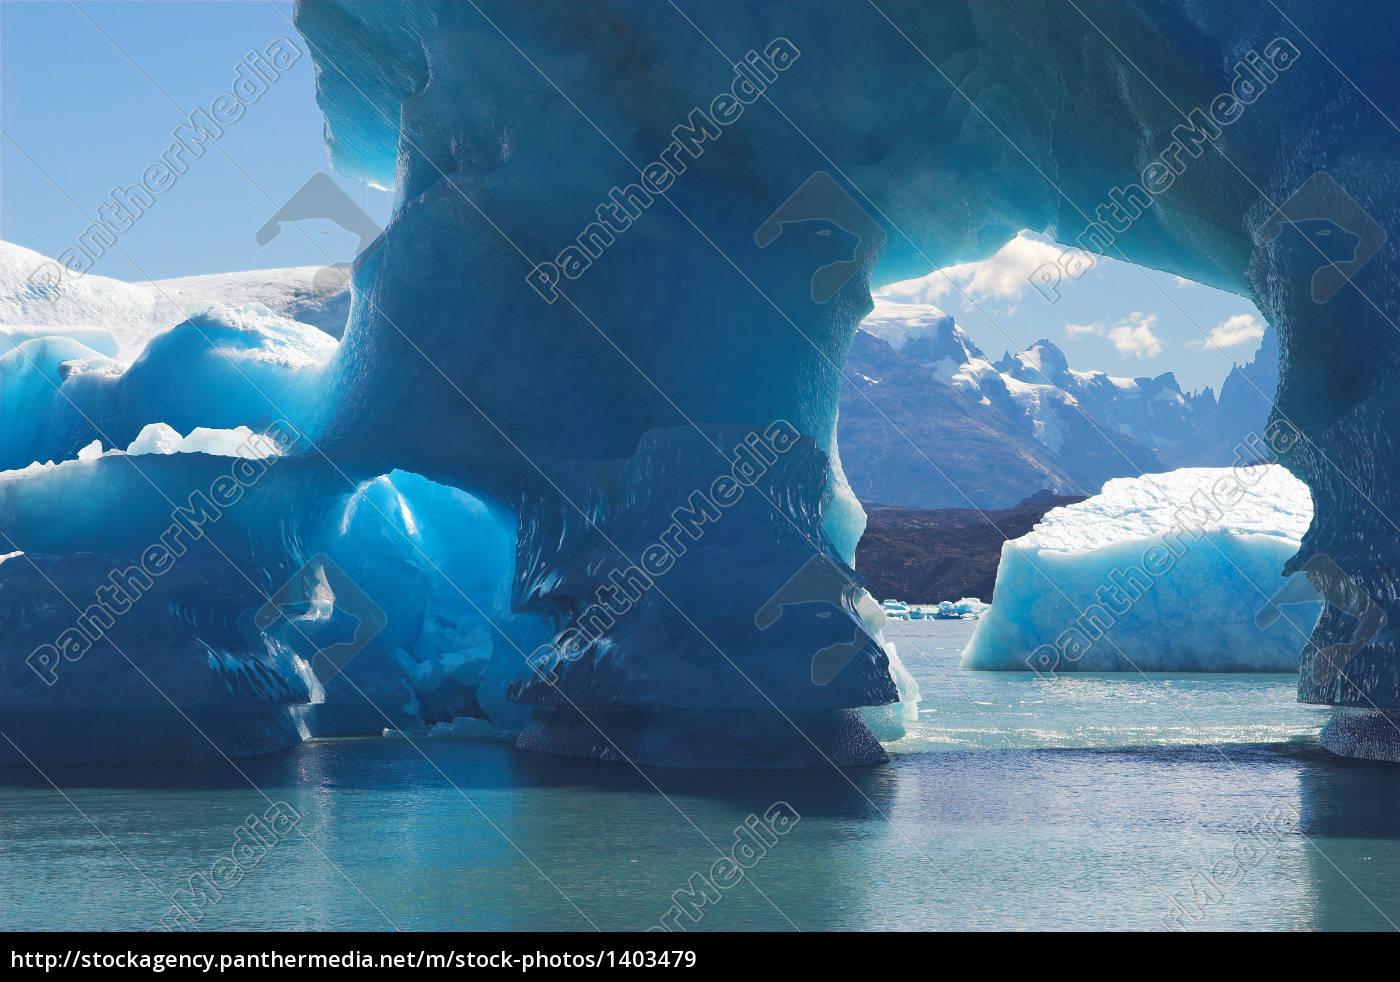 los, glaciares - 1403479